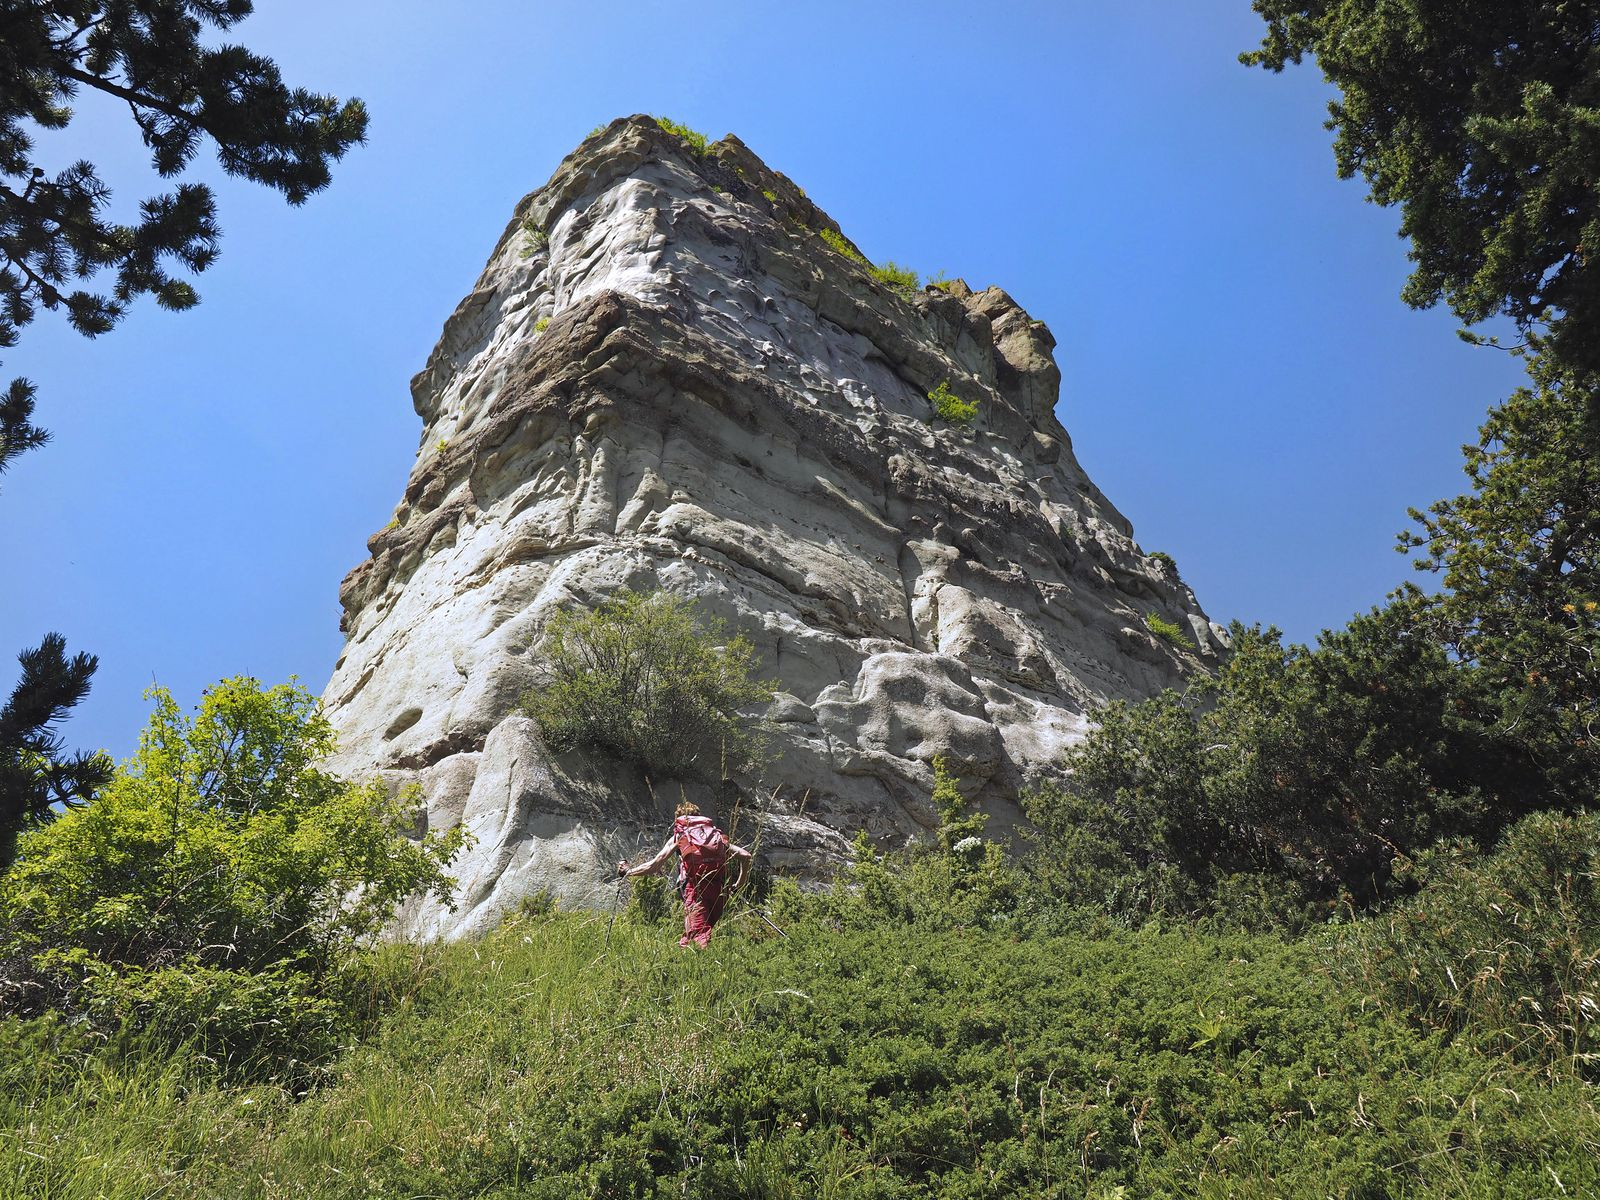 Retour sur la crête, sous l'énorme rocher du Caire. Attention à ne pas monter plus haut et penser à traverser à droite pour franchir le grand ravin à temps.